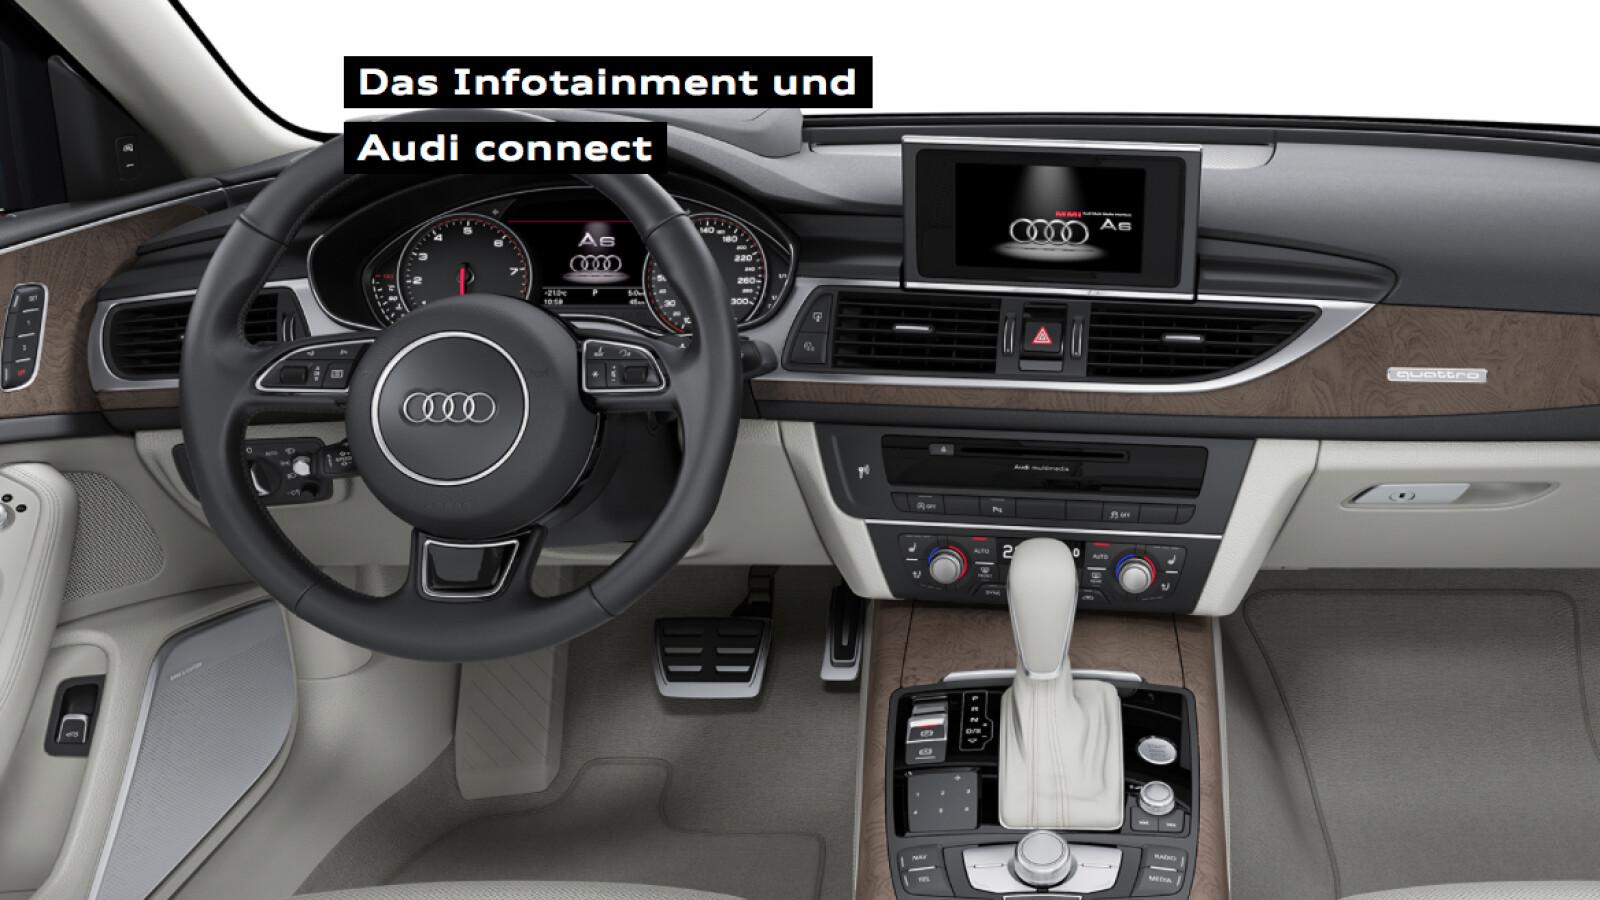 Audi A6: Technische Highlights abseits von PS und Prestige